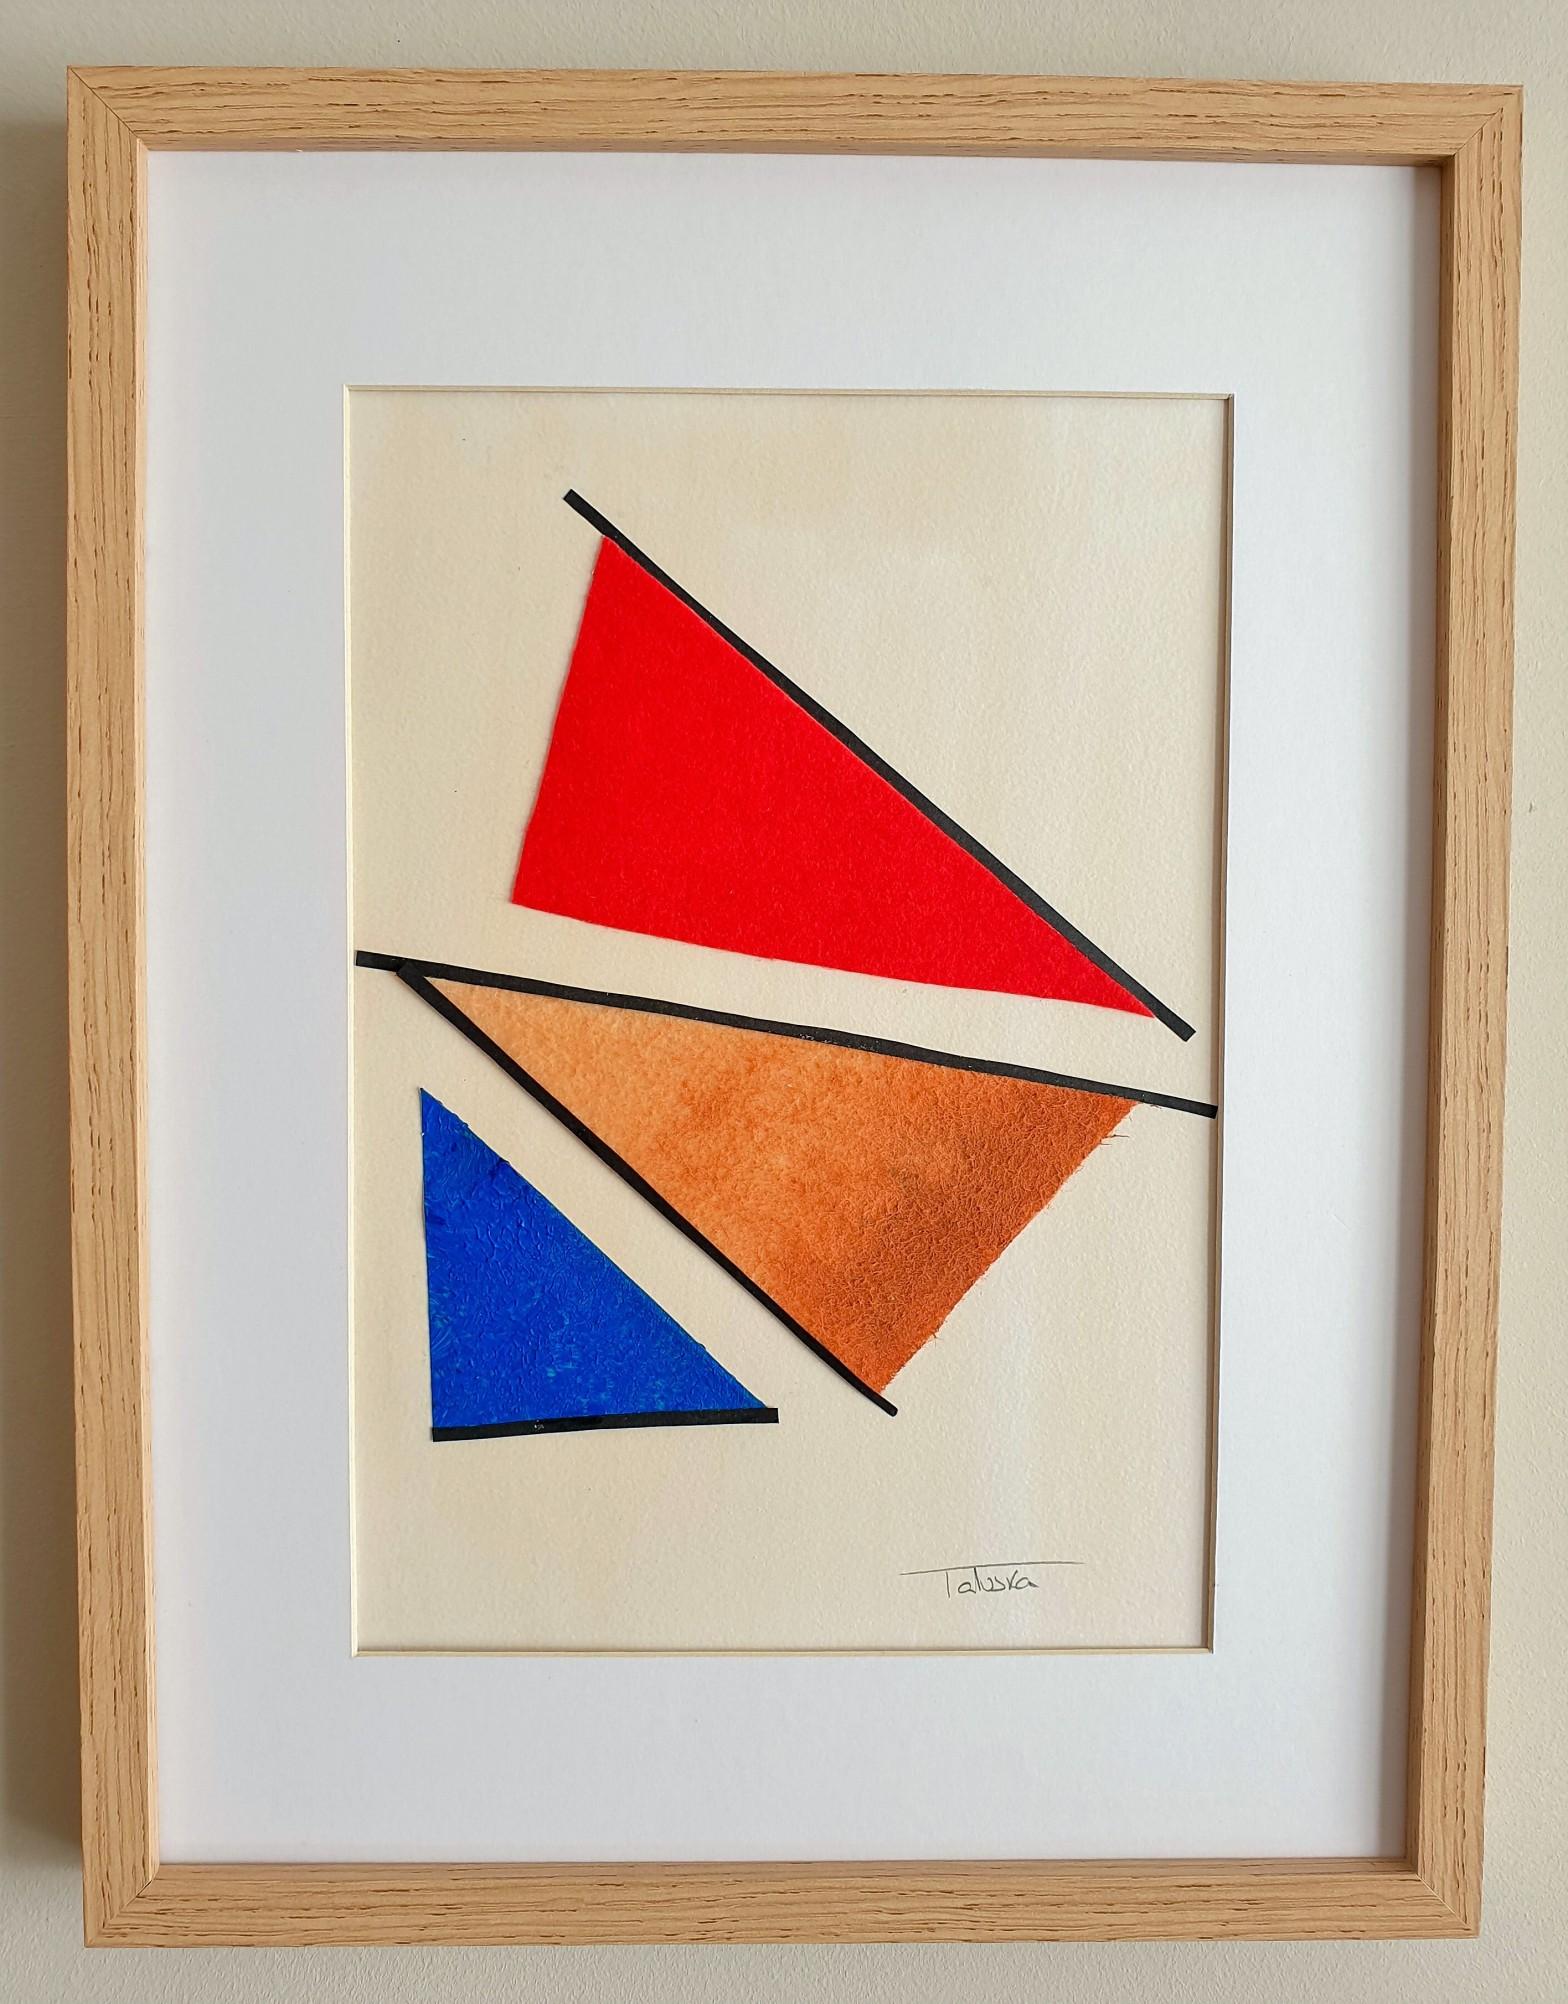 """Cuadro original de arte abstracto titulado """"Distortion"""", obra de la artista de arte contemporáneo Tatuska"""